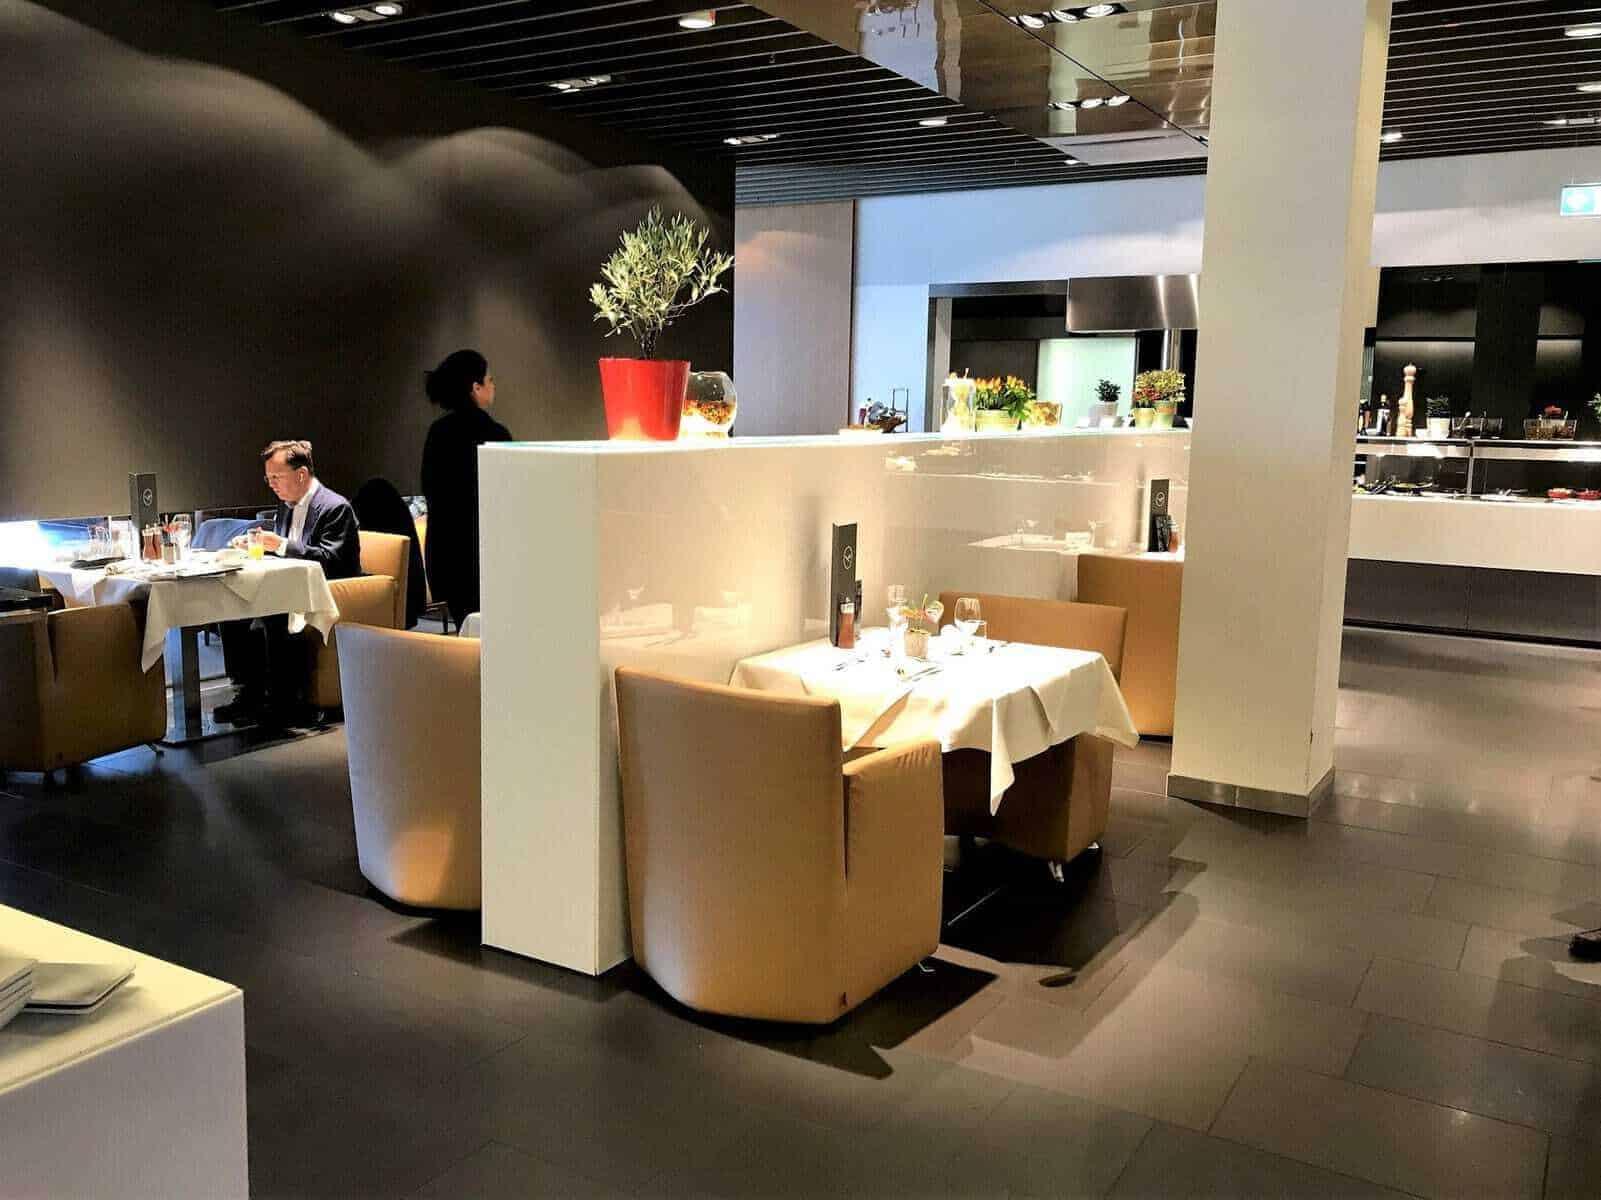 lufthansa first class lounge frankfurt 19